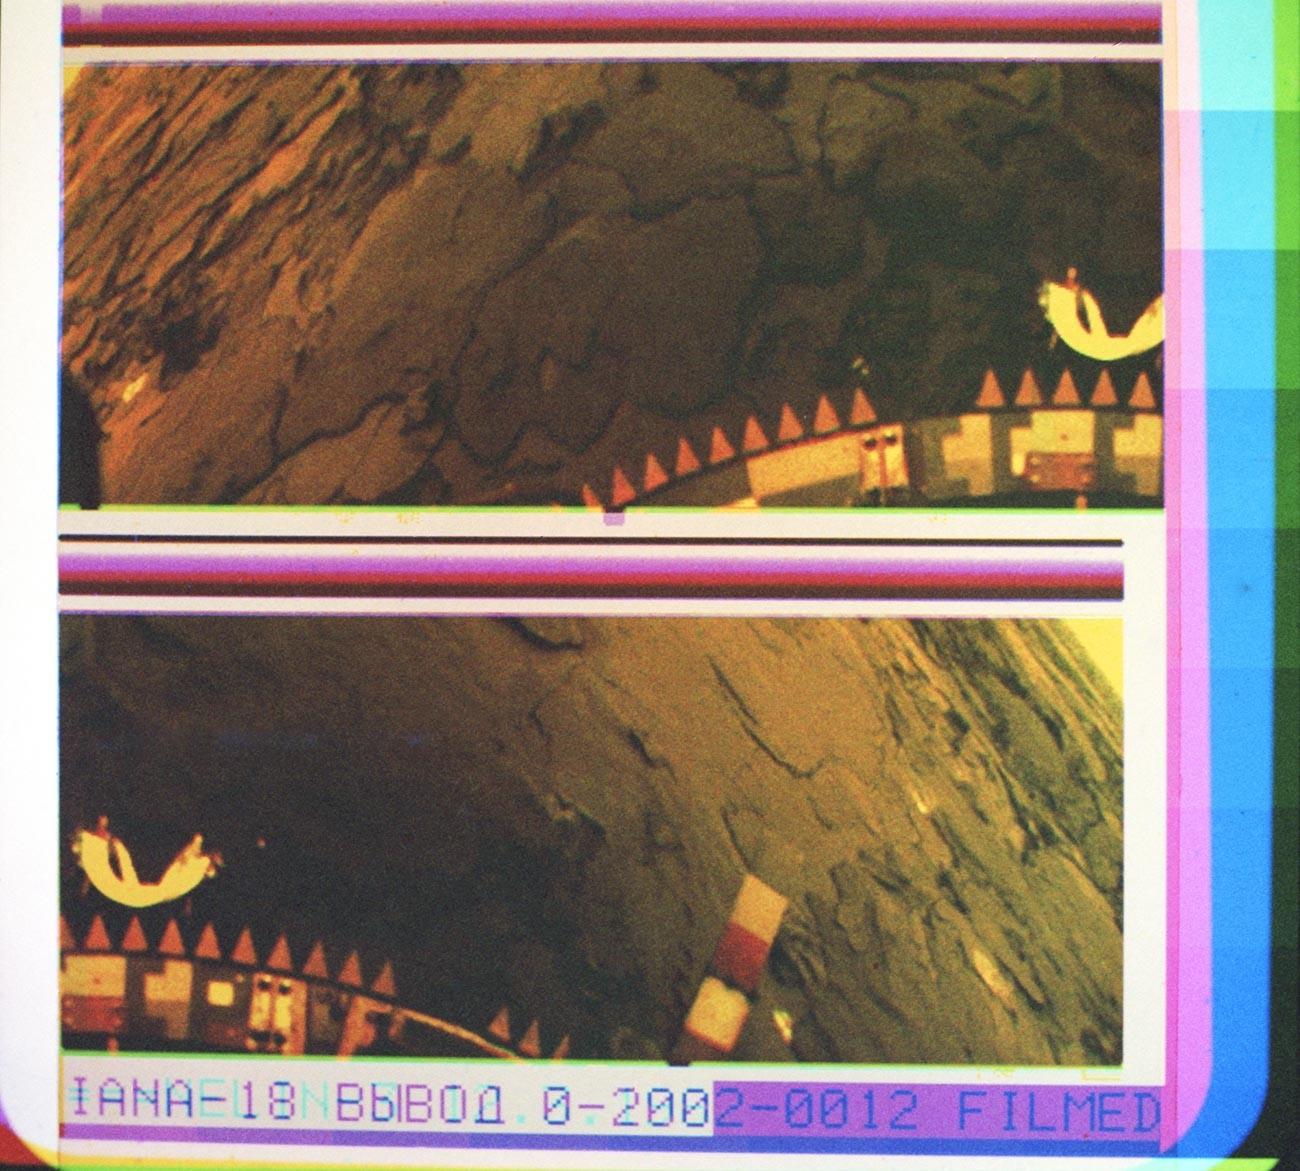 """Панорамска колор фотографија површине Венере, послата са сонде """"Венера 14"""". Добијена је синтезом три снимка емитована кроз колор филтере. Обрада фотографије: Центар за далеку космичку везу и Институт за проблеме емитовања података Академије наука СССР-а. Виде се елементи конструкције сонде."""